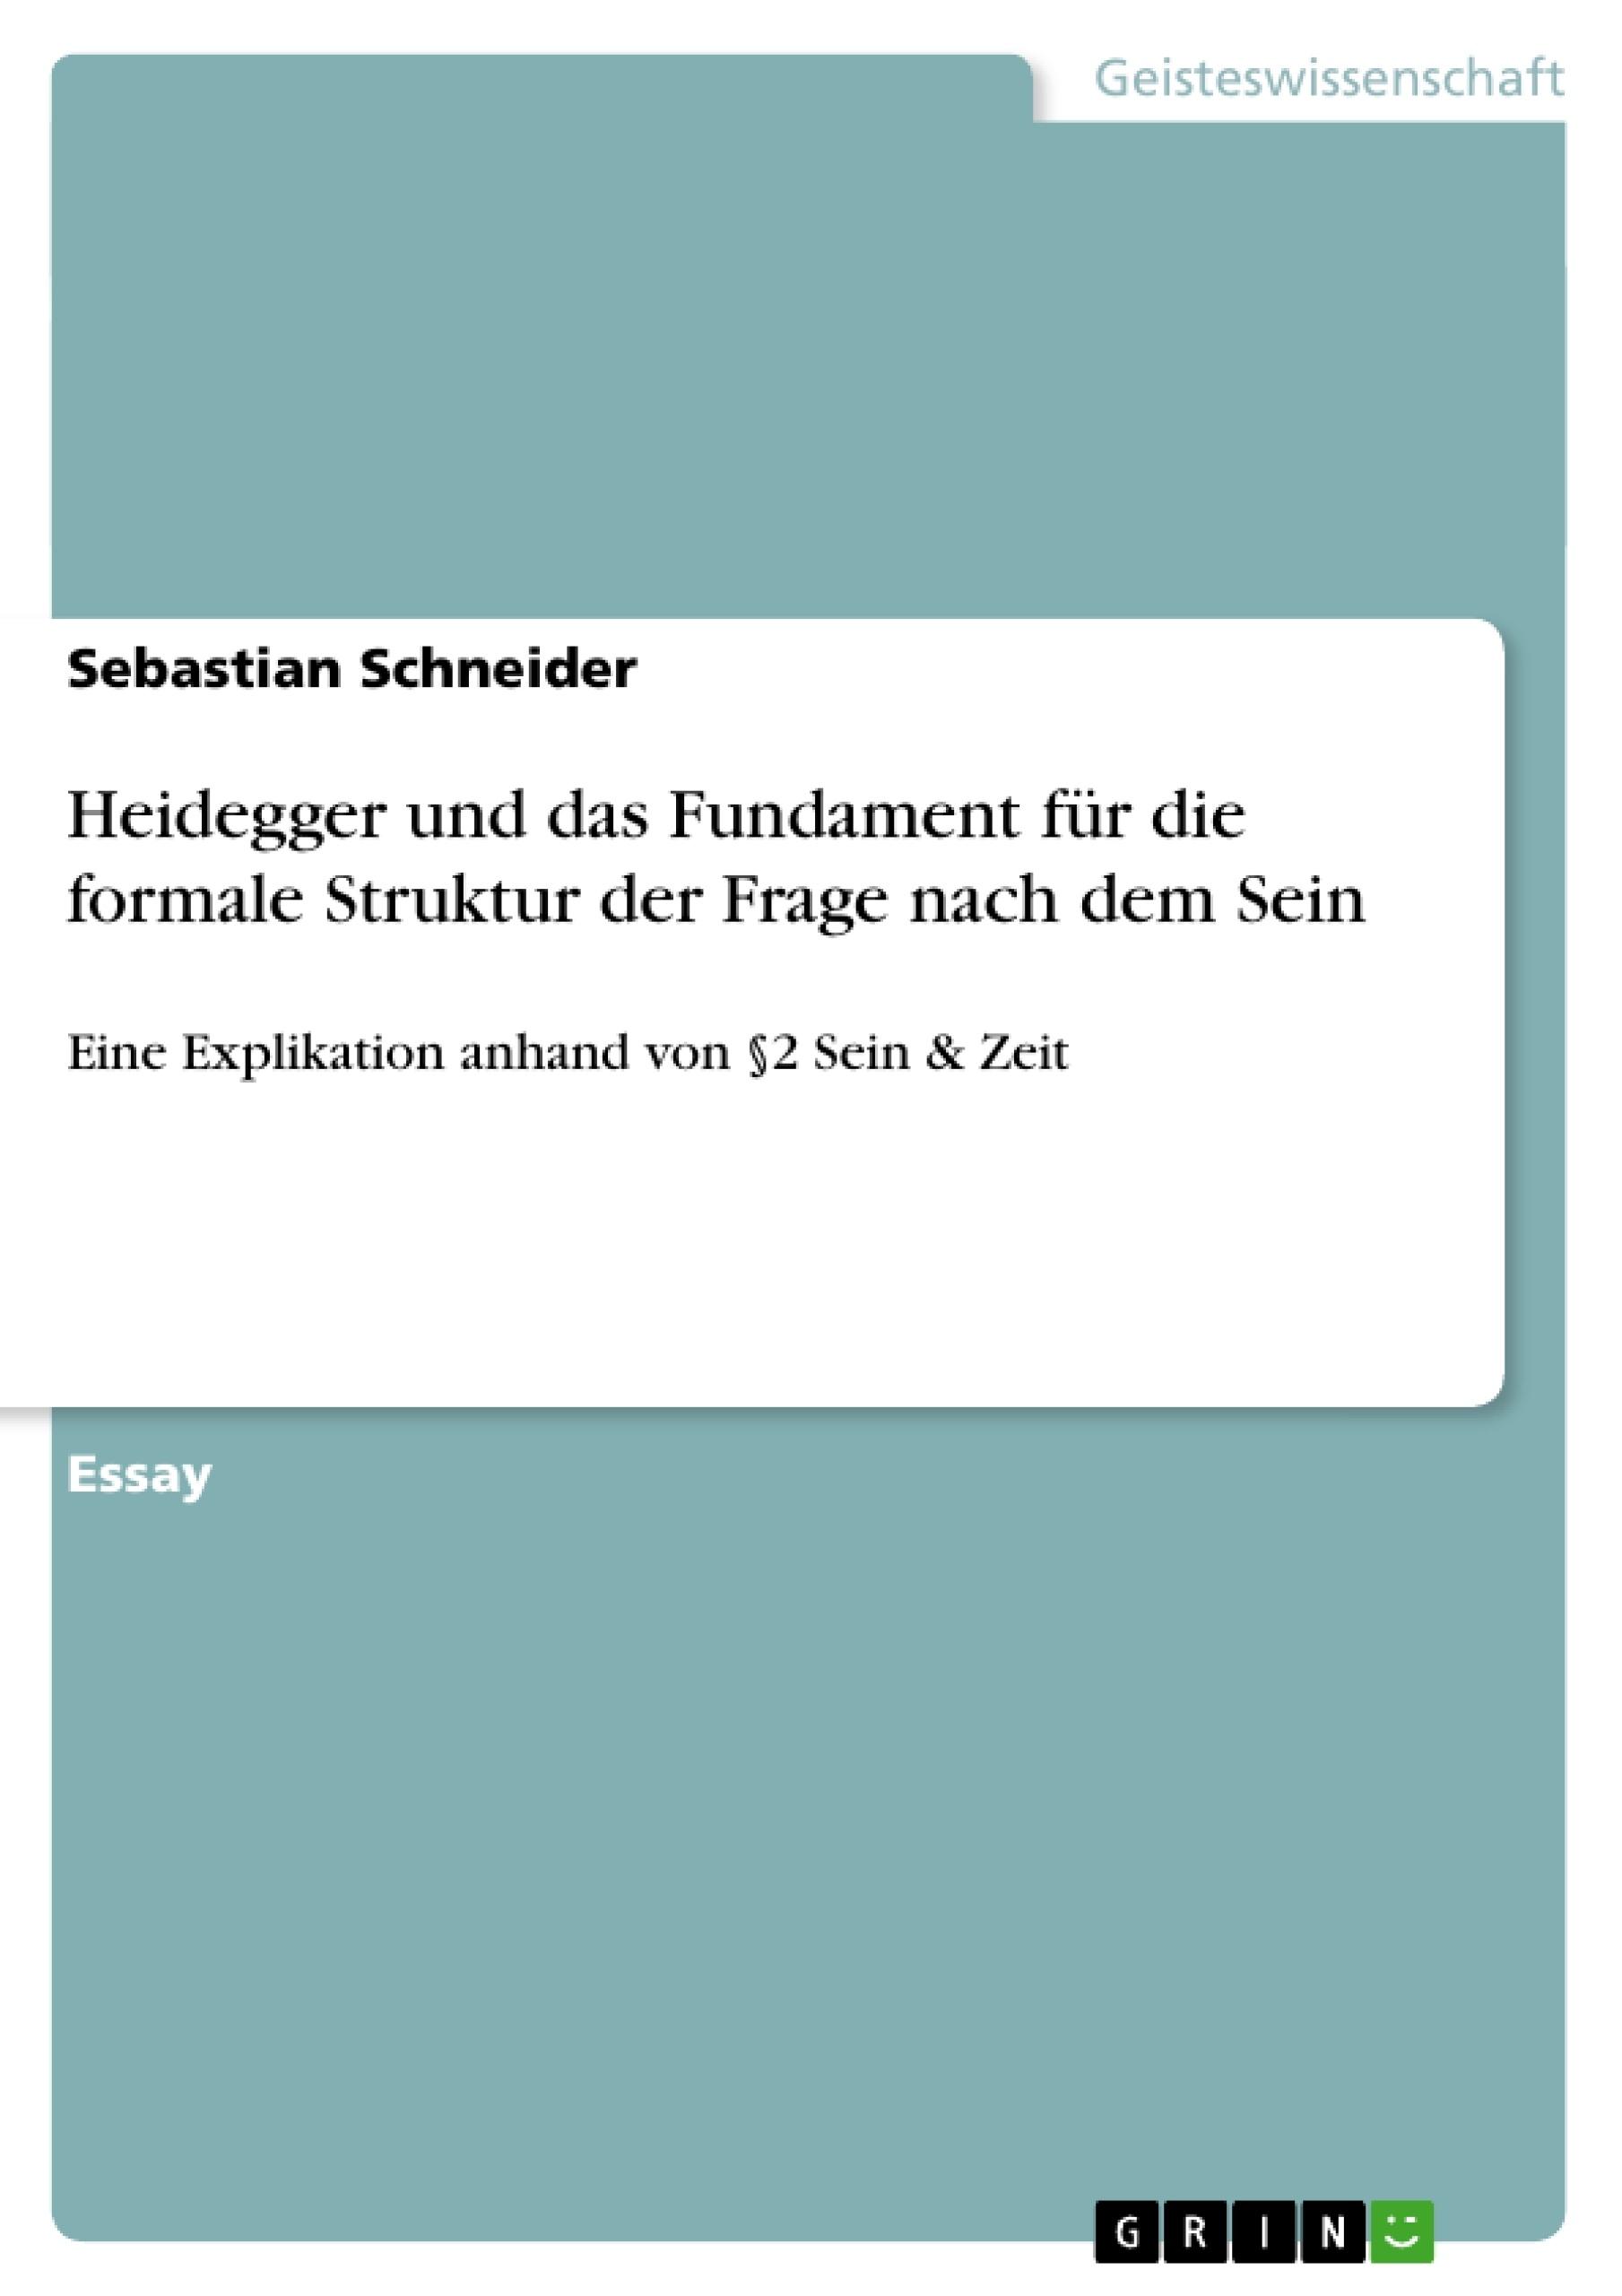 Titel: Heidegger und das Fundament für die formale Struktur der Frage nach dem Sein